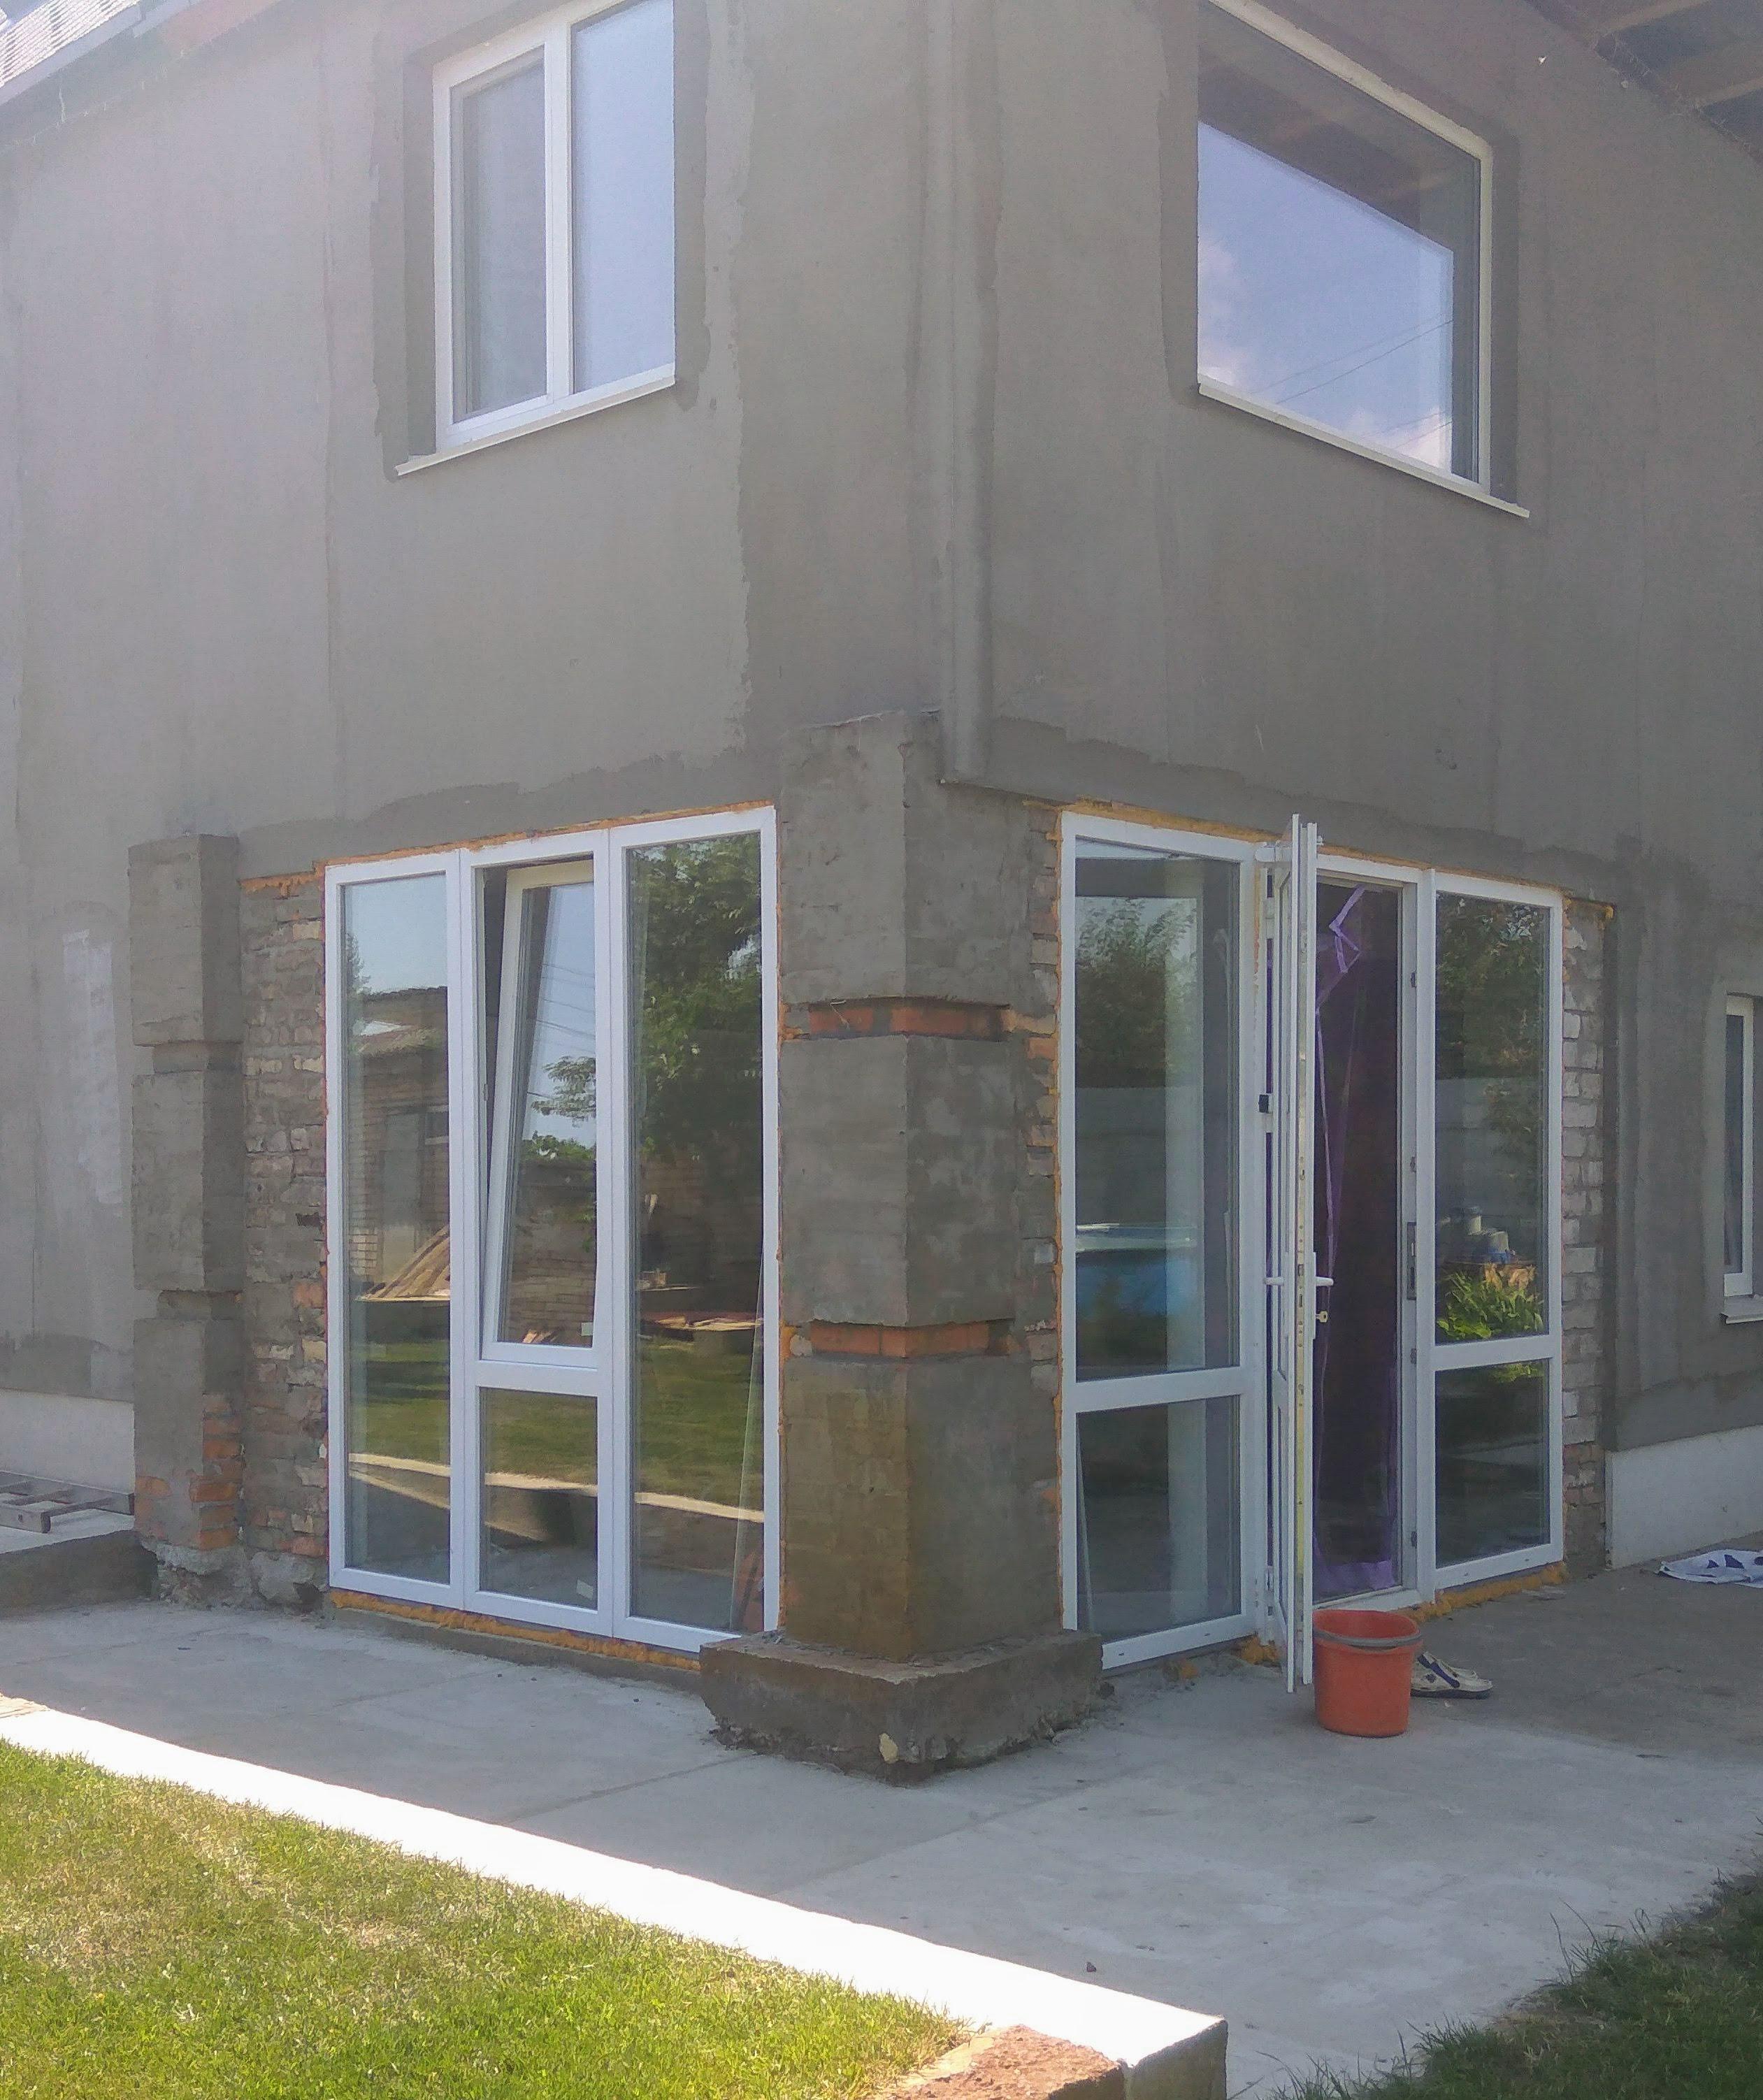 Фото Монтаж б/у конструкций ПВХ. Переделка окна. Отделочные работы. 14 дней.